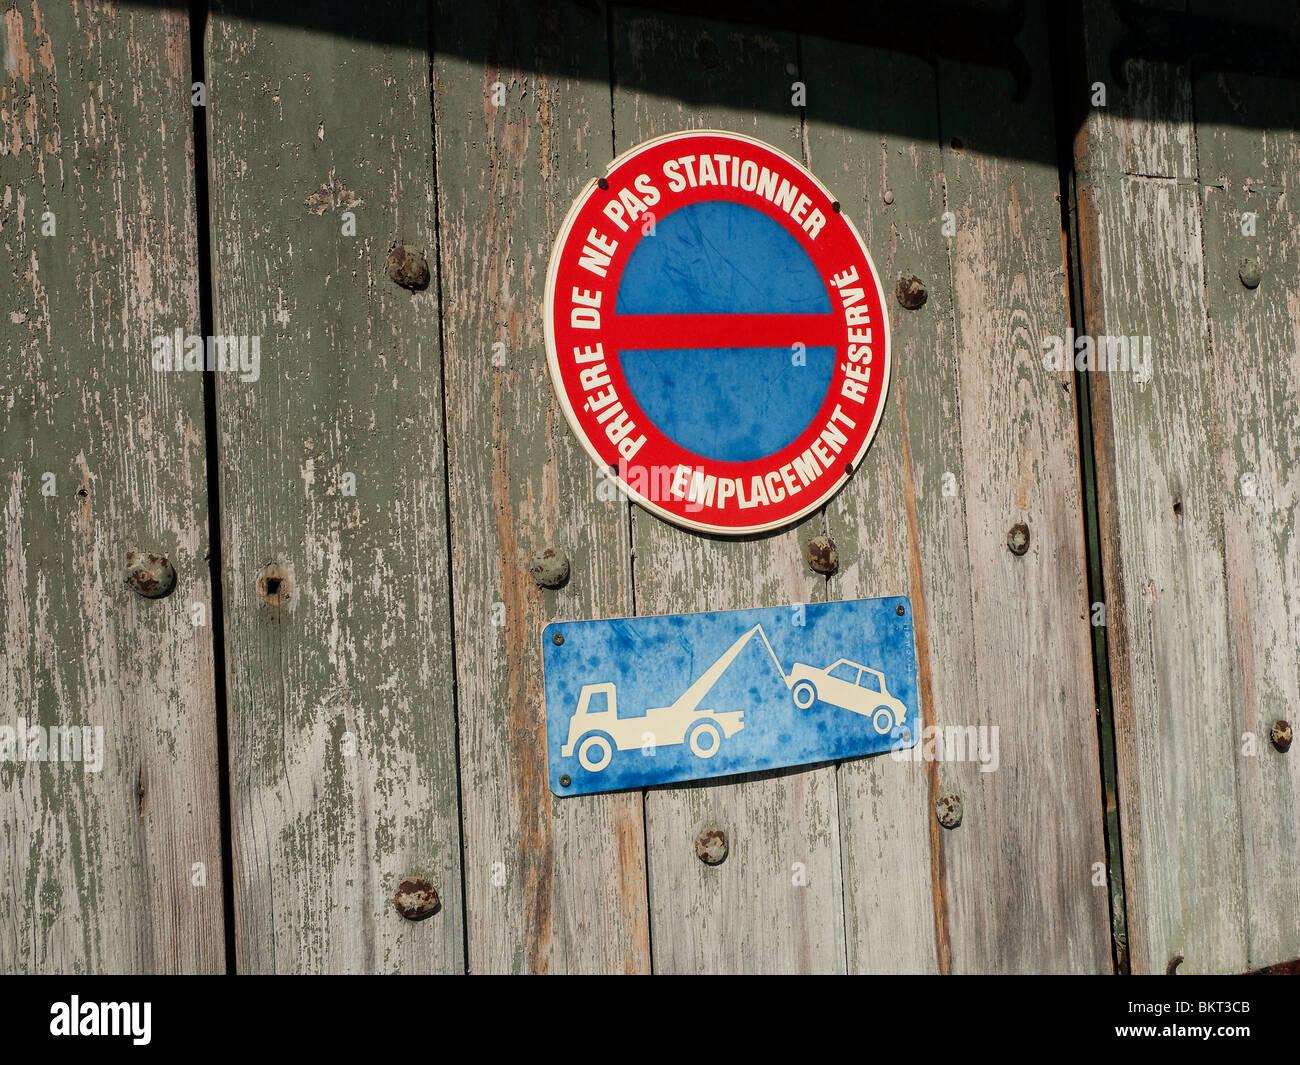 No hay señal de estacionamiento y remolcar fuera signo en la puerta de madera vieja. Imagen De Stock